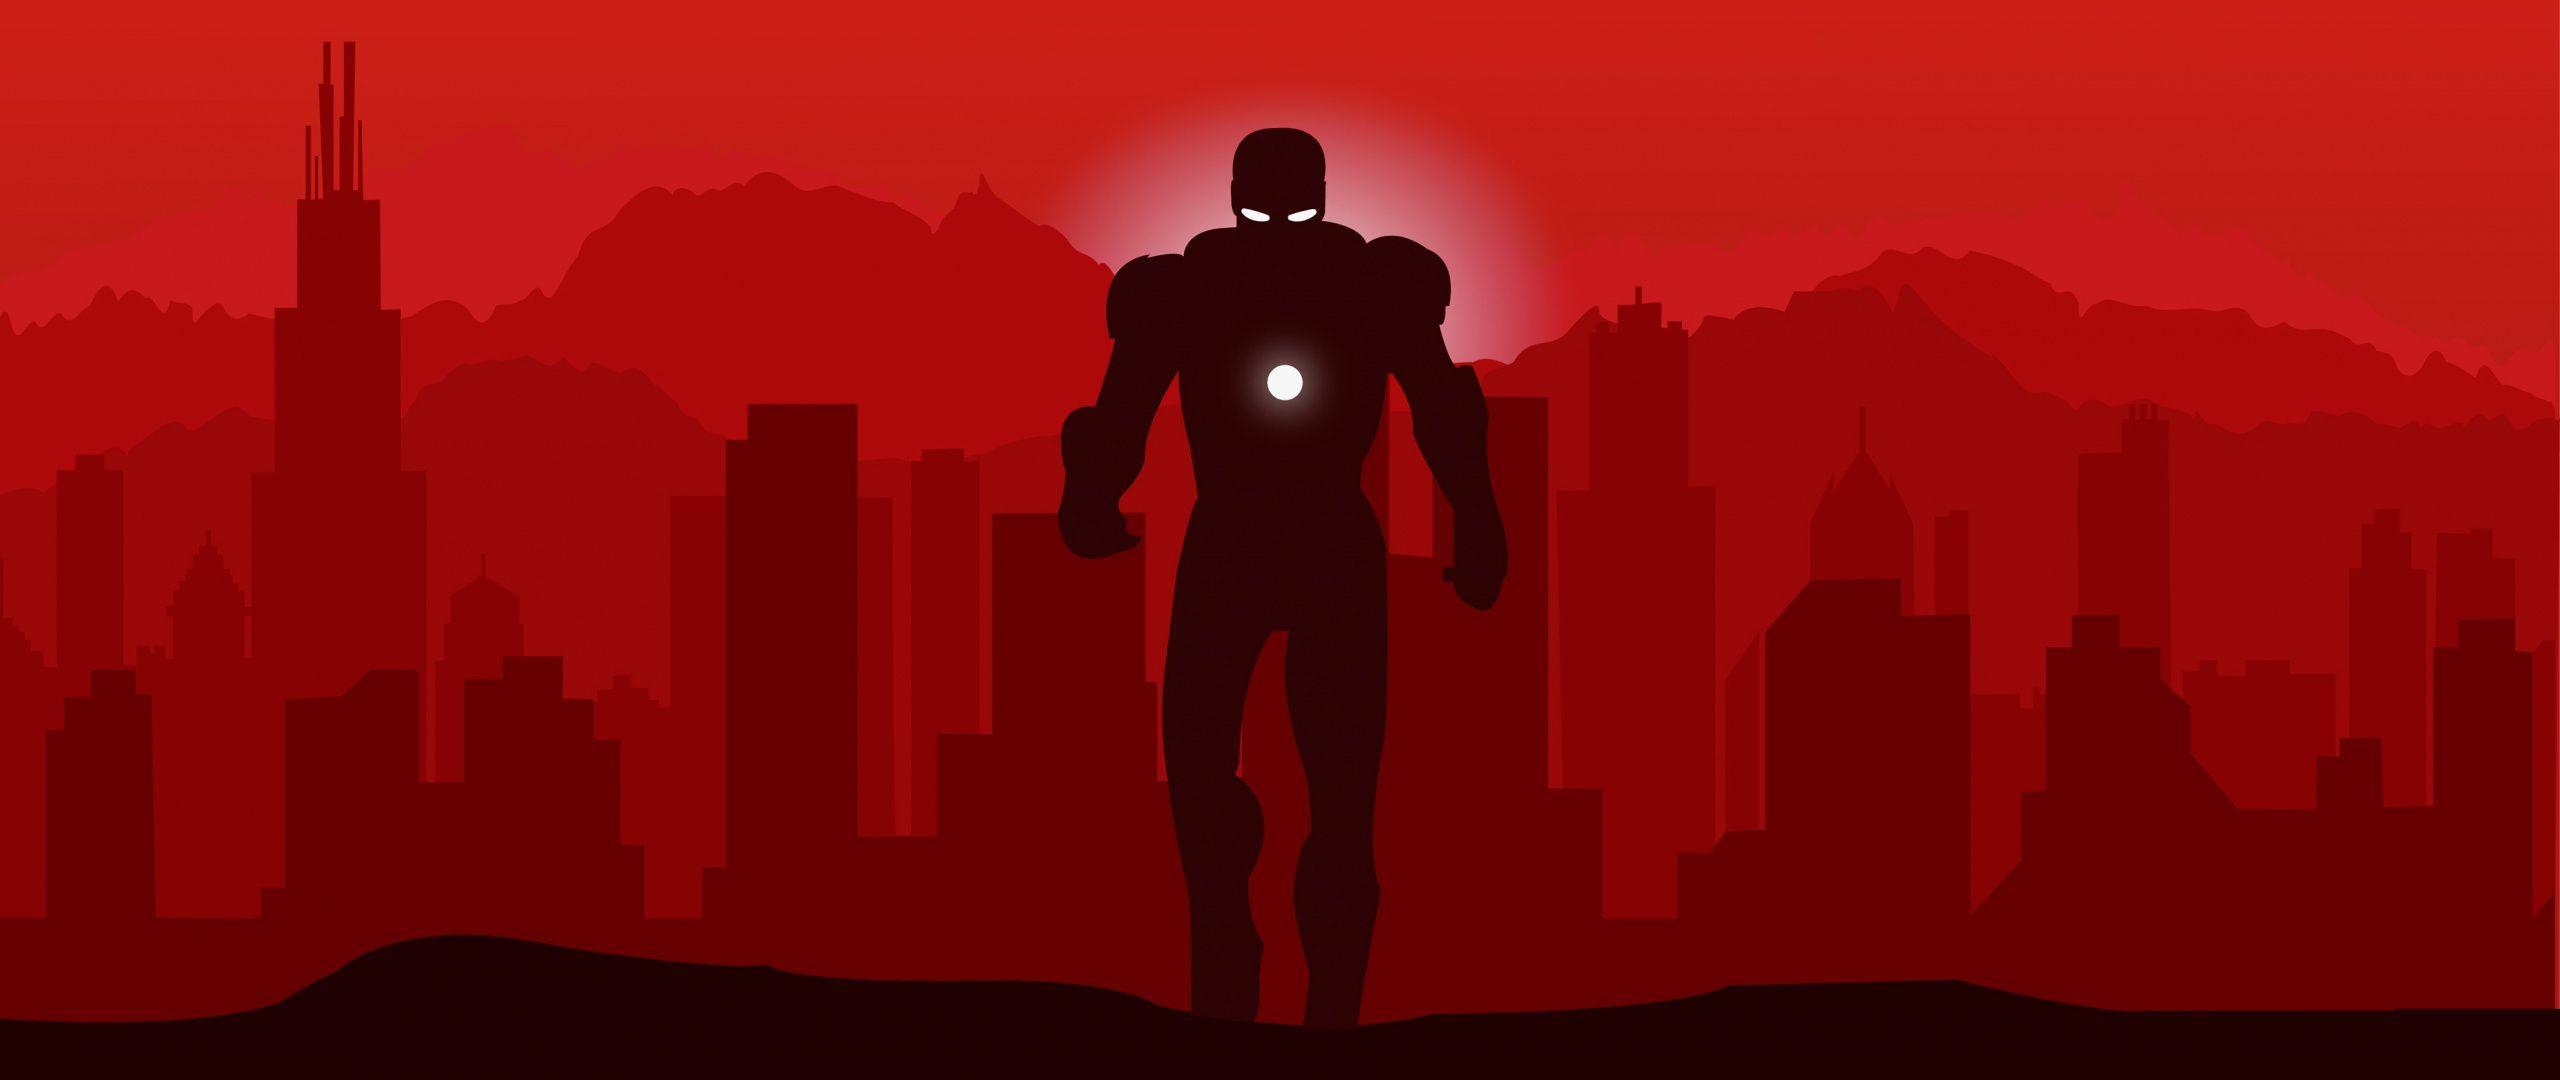 2560x1080 Tải xuống Anh hùng Marvel, Người sắt, siêu anh hùng, hình nền tối giản